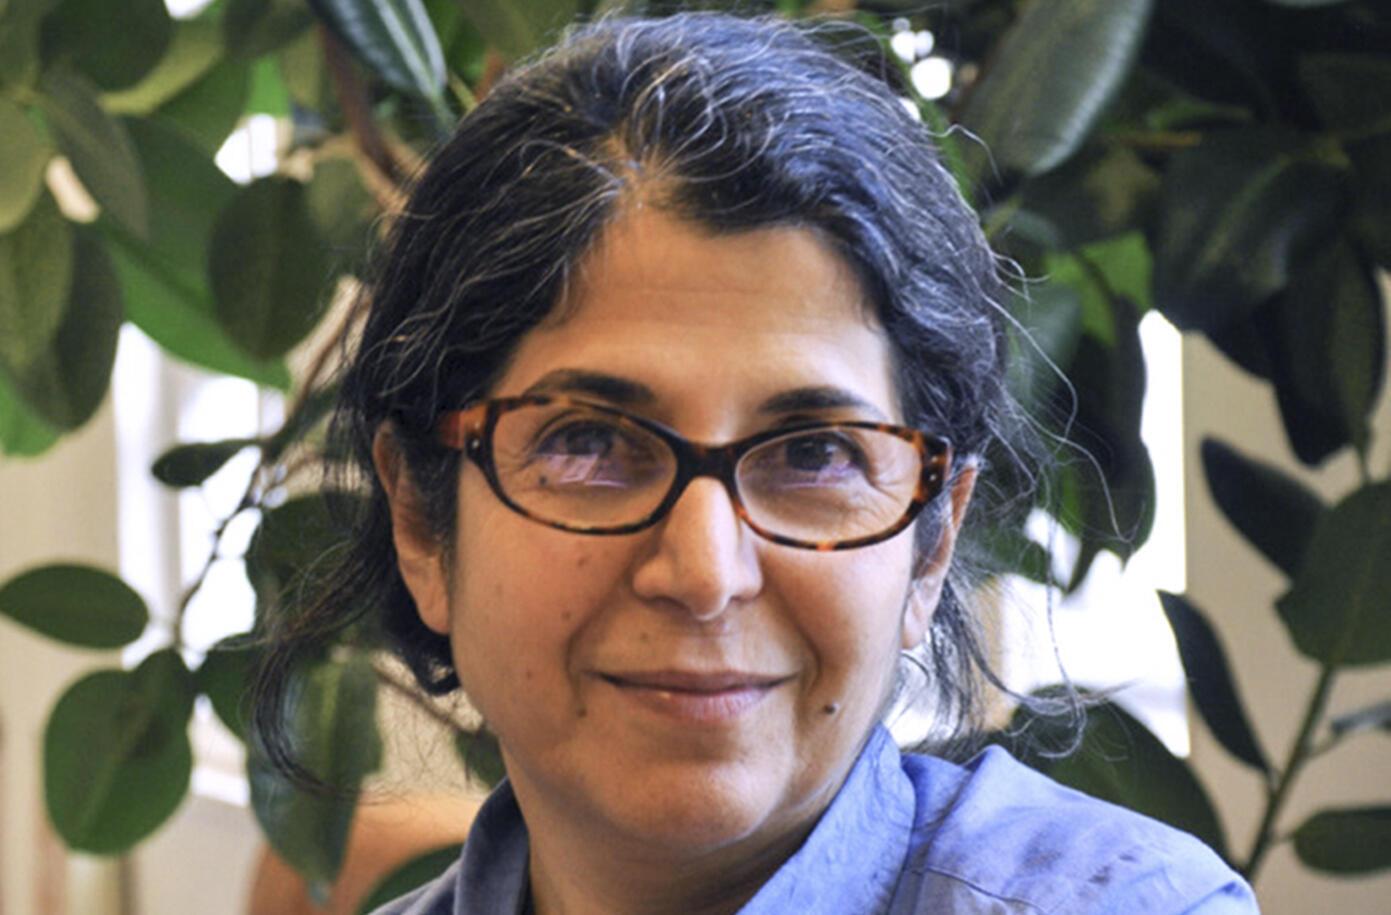 La France demande depuis des mois à l'Iran la libération de la chercheuse Fariba Adelkhah.